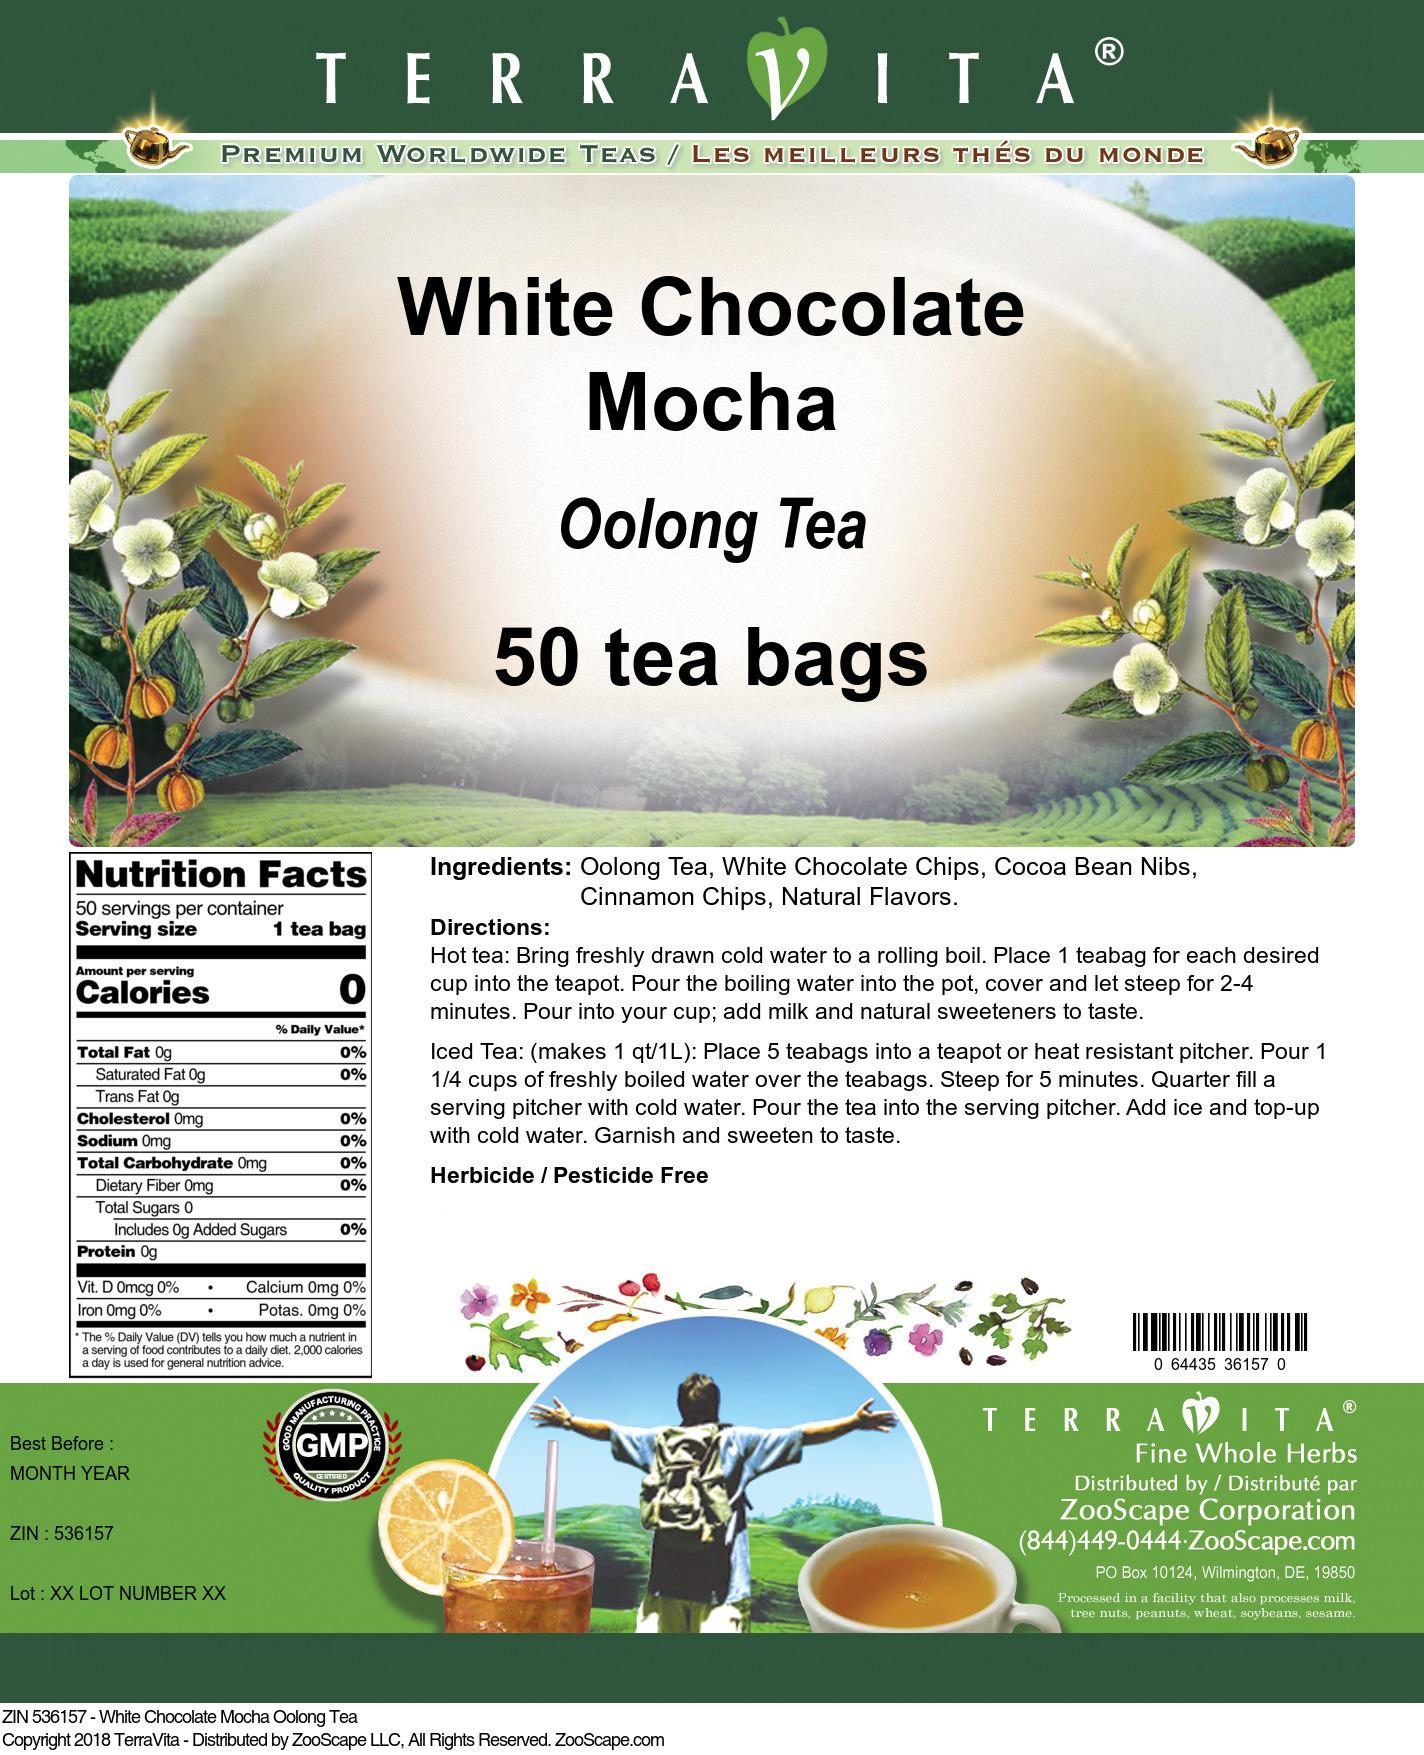 White Chocolate Mocha Oolong Tea